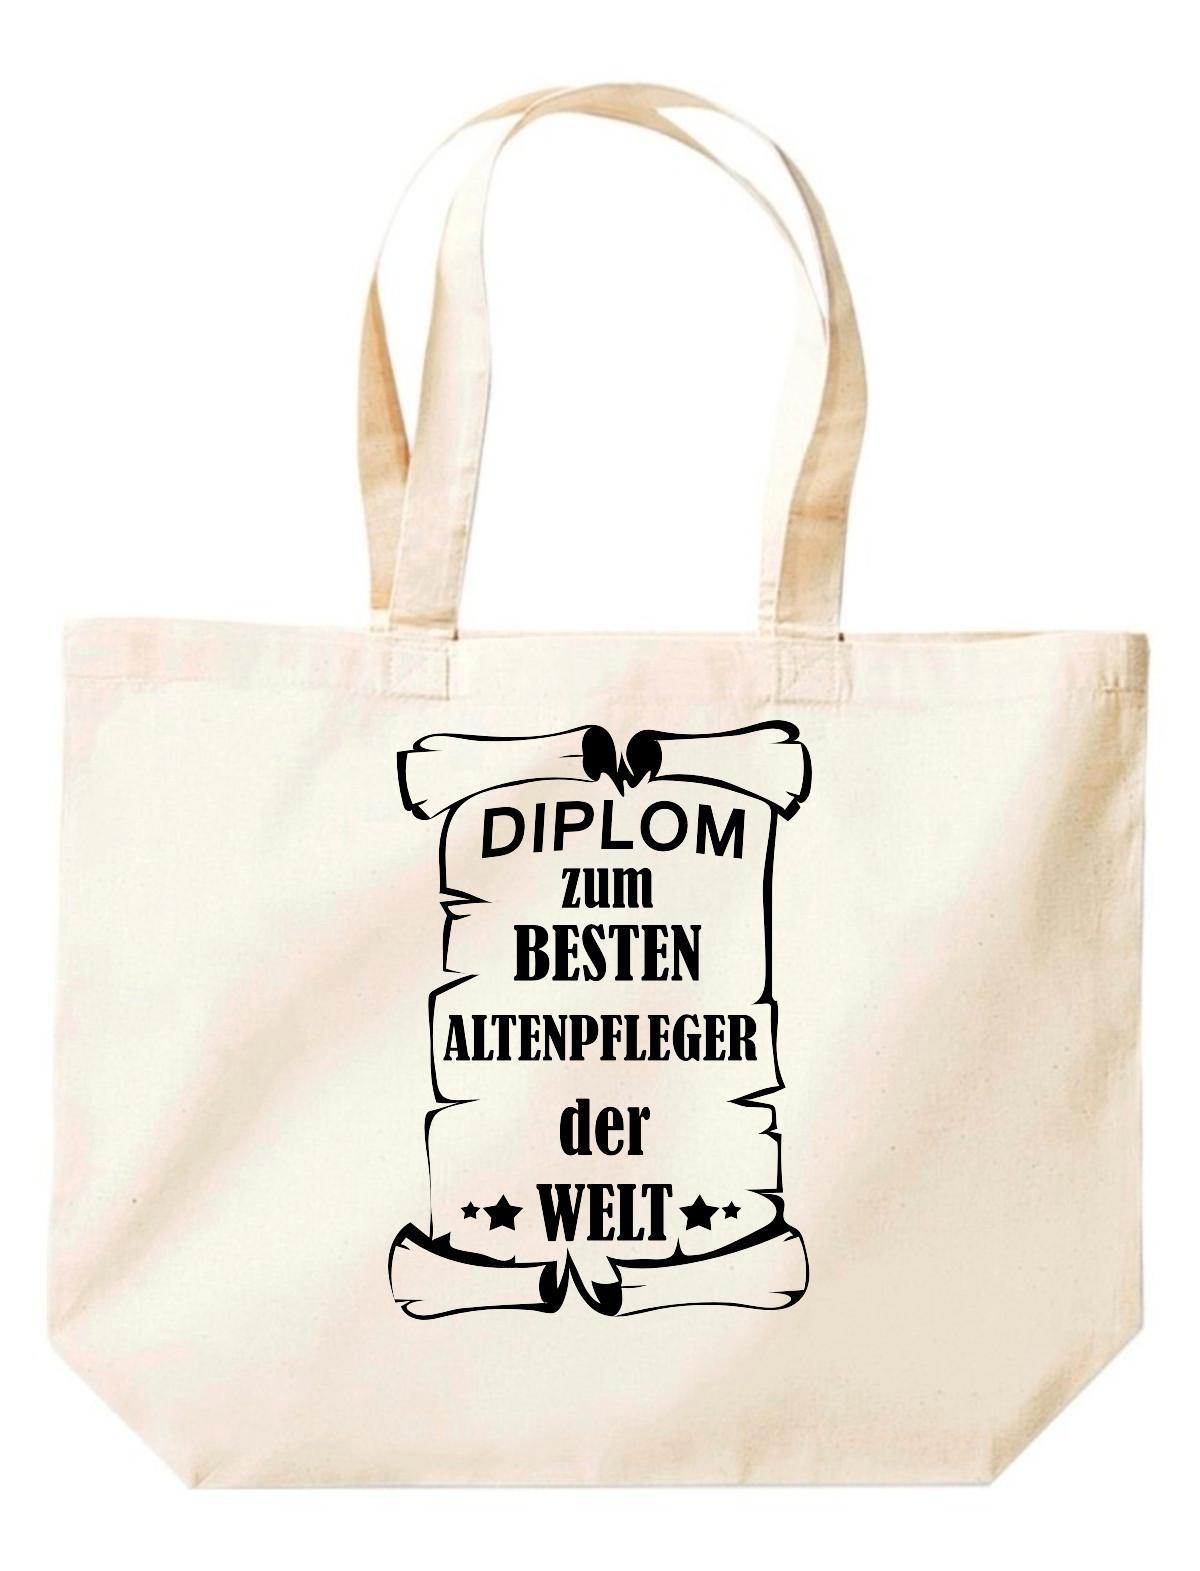 große Einkaufstasche, Diplom zum besten Altenpfleger der Welt,